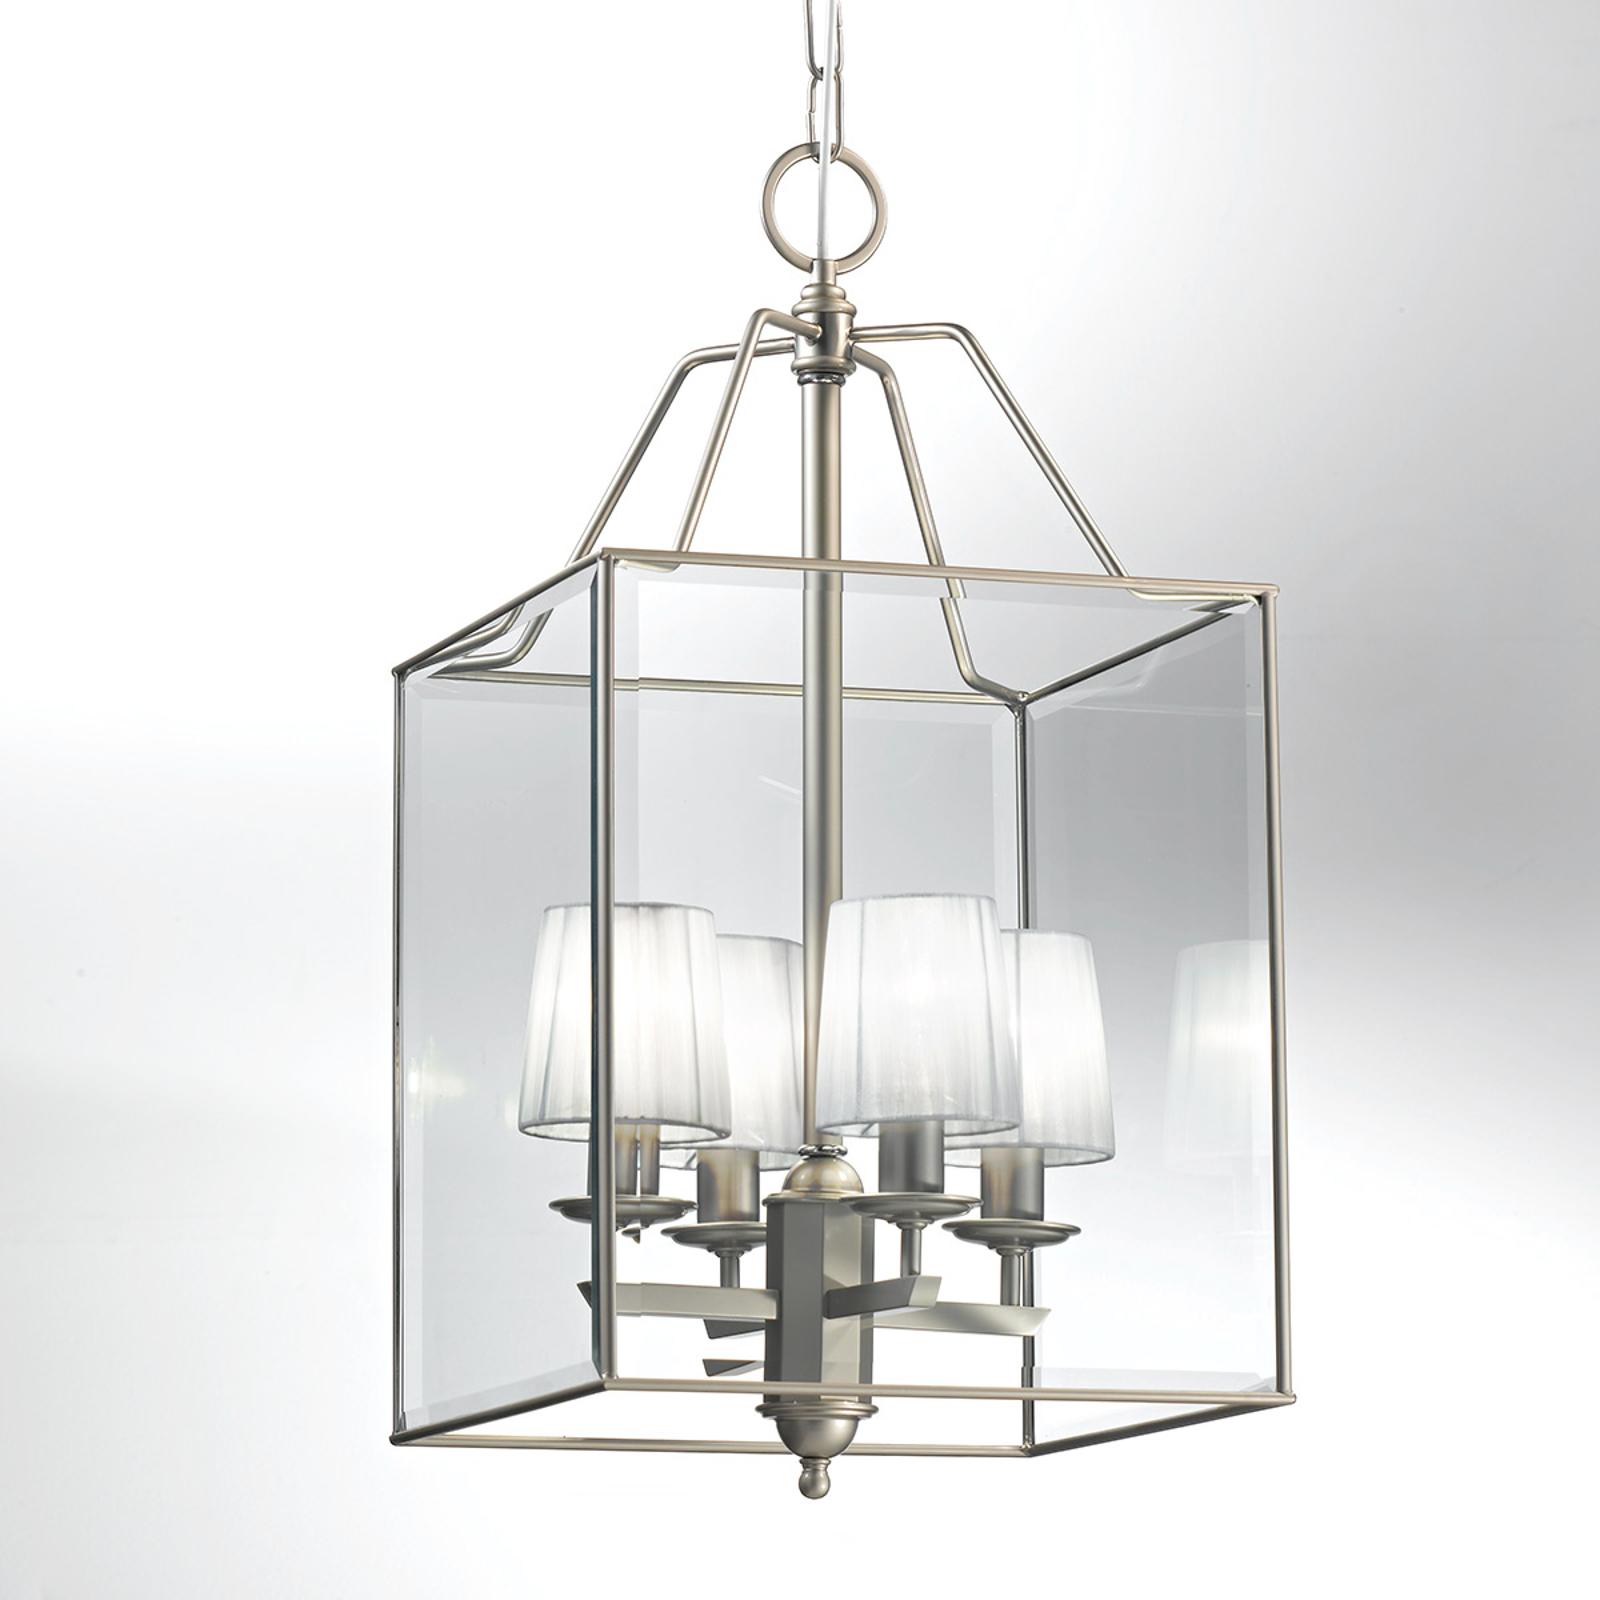 Lampada a sospensione Lampione, nichel